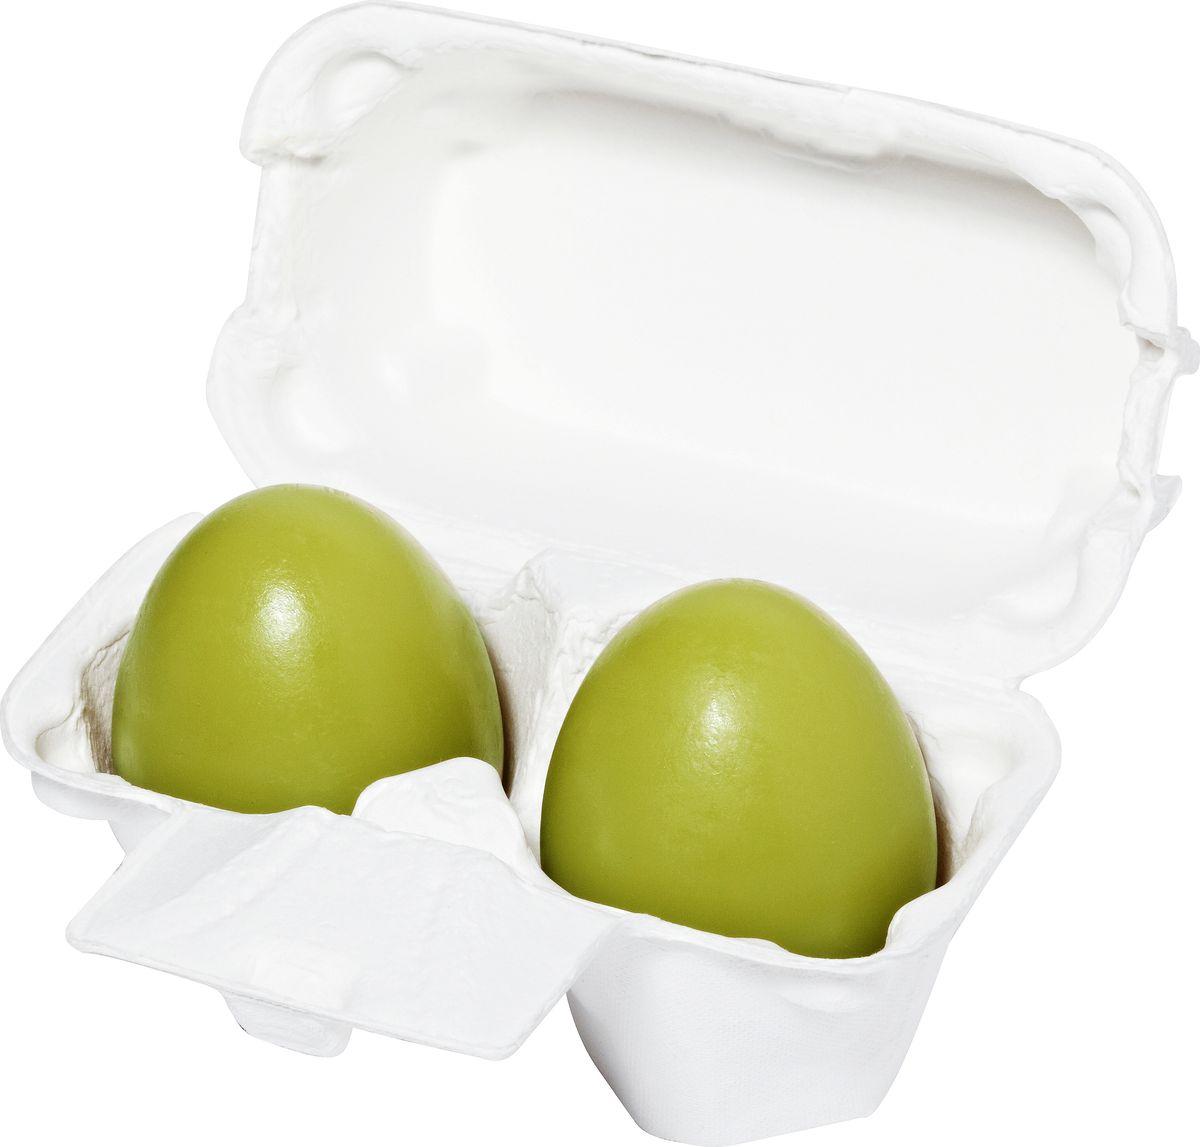 Holika Holika Мыло-маска с зеленым чаем , 50г+50г20012018Мало-маска с экстрактом зеленого чая увлажняет кожу, предотвращает появление морщин, убирает темные круги под глазами. Содержит большое количество витамина С, который выравнивает цвет и тон кожи. Применение: используйте ежедневно как мыло для умывания, вспенив в теплой воде. Намылить лицо, смыть. Или используйте как маску 1-2 раза в неделю: намочите лицо, массажируйте до образования тонкого мыльного слоя на коже, оставьте на 10 минут, затем смойте теплой водой. Объём: 50 г*2. Срок годности: 30 месяцев с даты, указанной на упаковке. Состав: миристиновая кислота, стеариновая кислота, триэтаноламин, лауриловая кислота, пальмитиновая кислота, глицерин, очищенная вода, гидроксид натрия, динатрия лаурил сульфосукцинат, ароматизатор, гидролизованный яичный белок, экстракт листьев камелии китайской, триклозан, диоксид титана, тетранатрия ЭДТА.